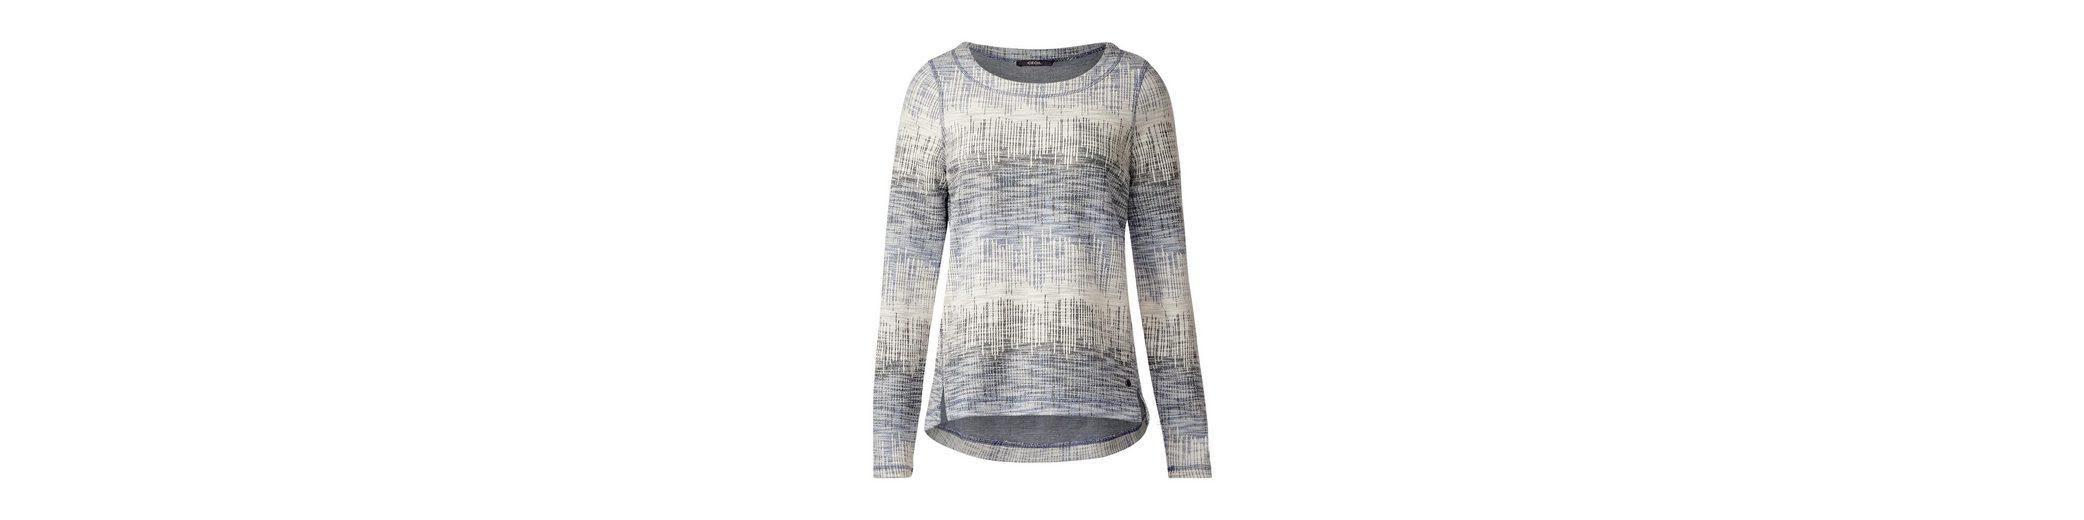 Spielraum Neueste CECIL Weiches Jacquard Sweatshirt Günstig Kaufen Erschwinglich Gut Verkaufen Verkauf Großer Verkauf Auslass Für Schön hFuxiWeBNy